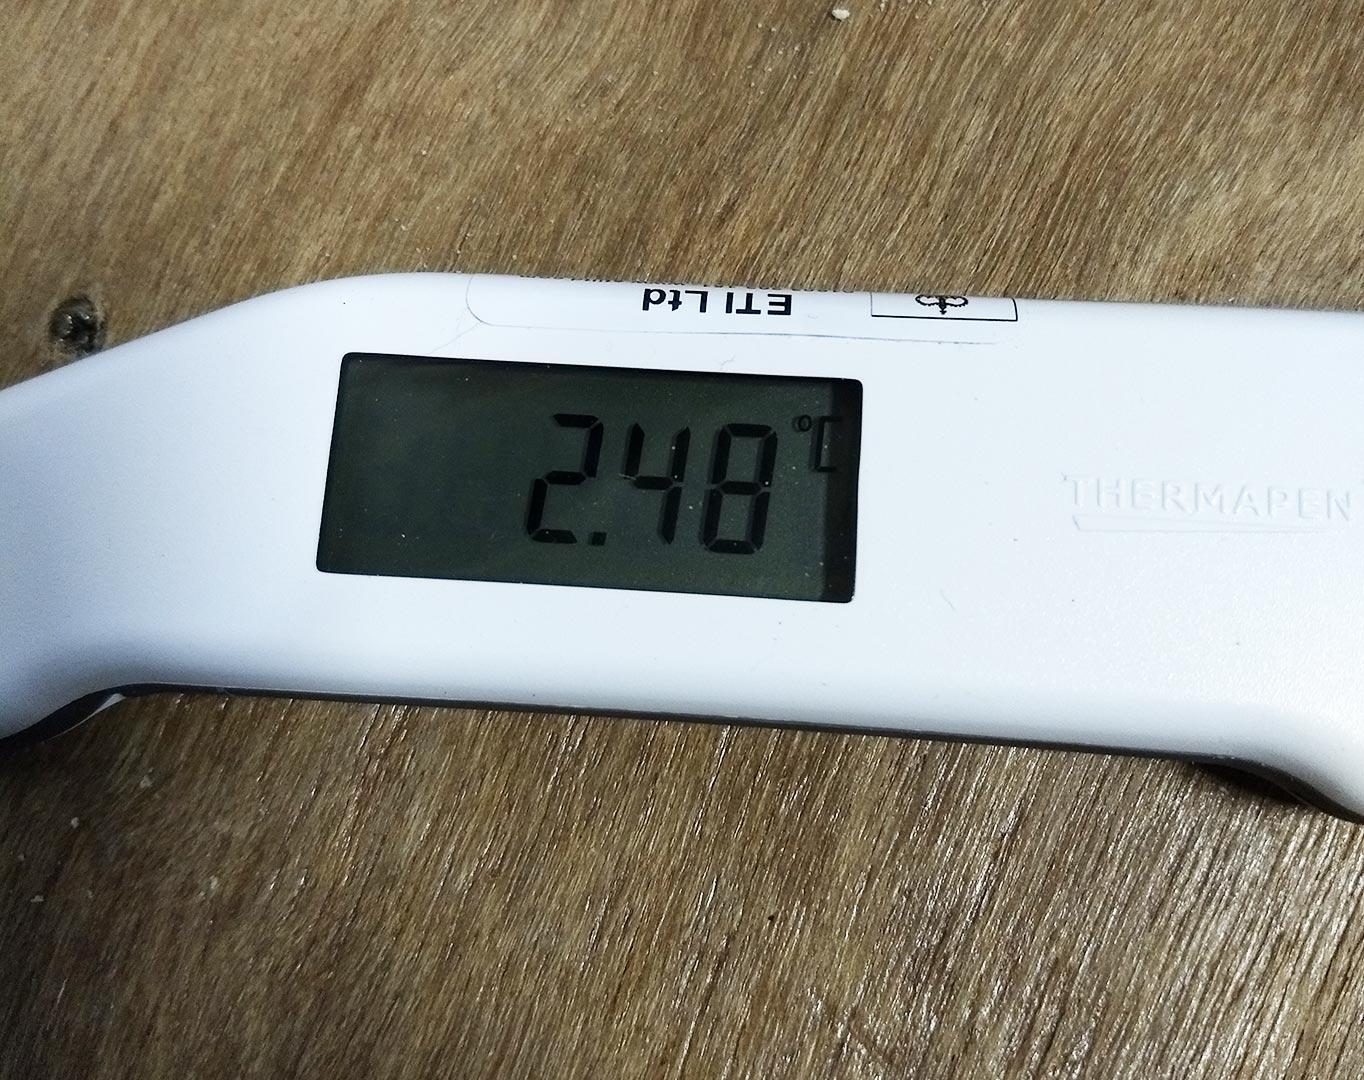 2.48°C inside distillery